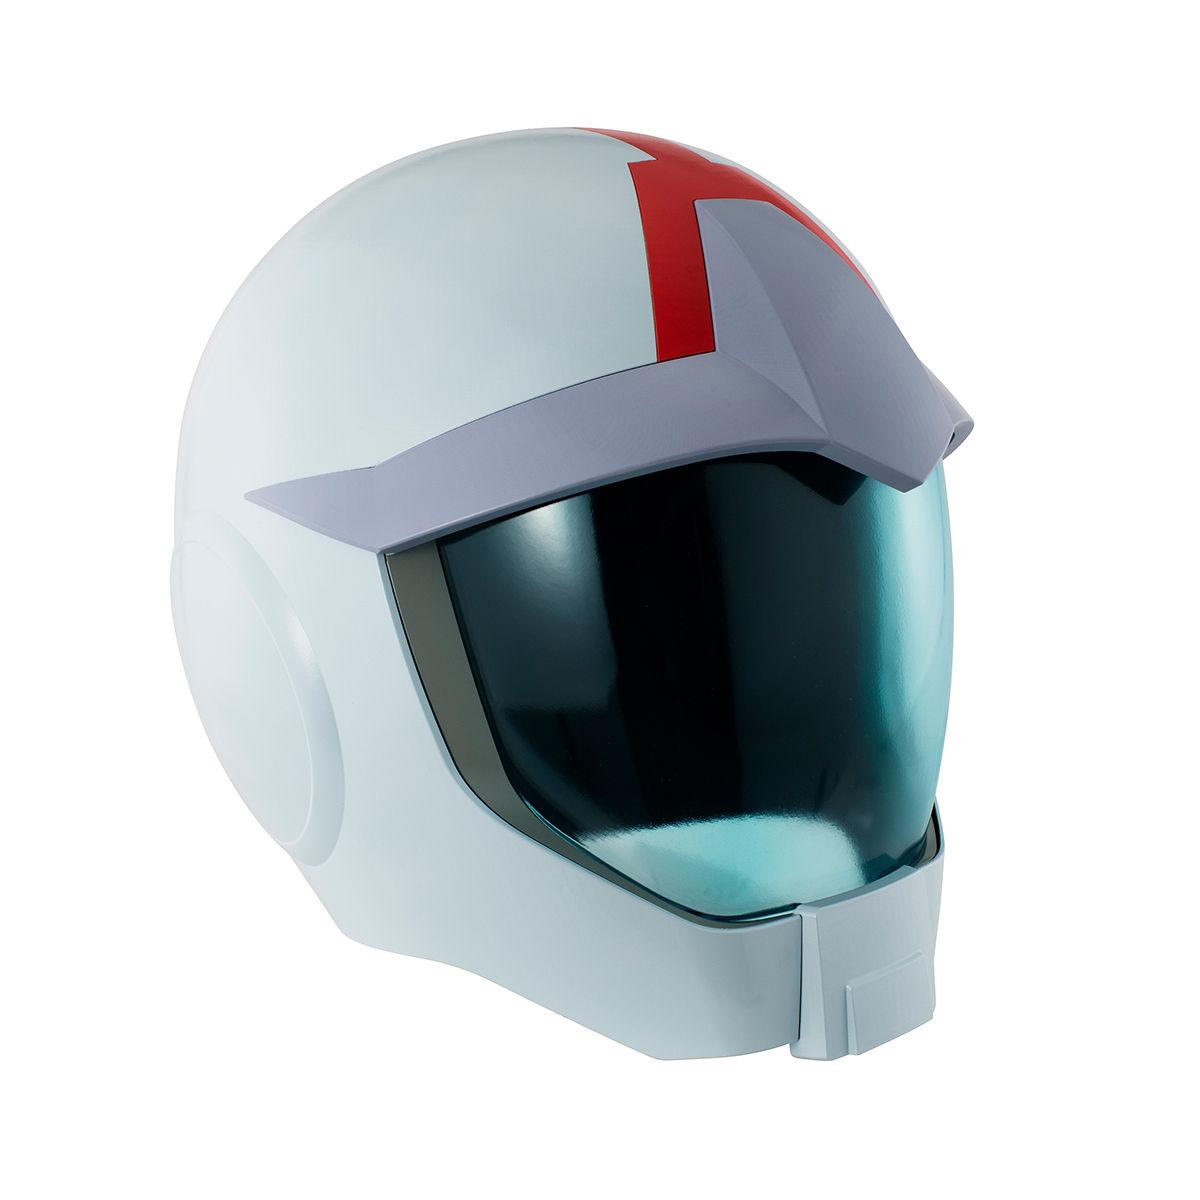 【限定販売】Full Scale Works『地球連邦軍ノーマルスーツ専用ヘルメット』機動戦士ガンダム ディスプレイモデル-007